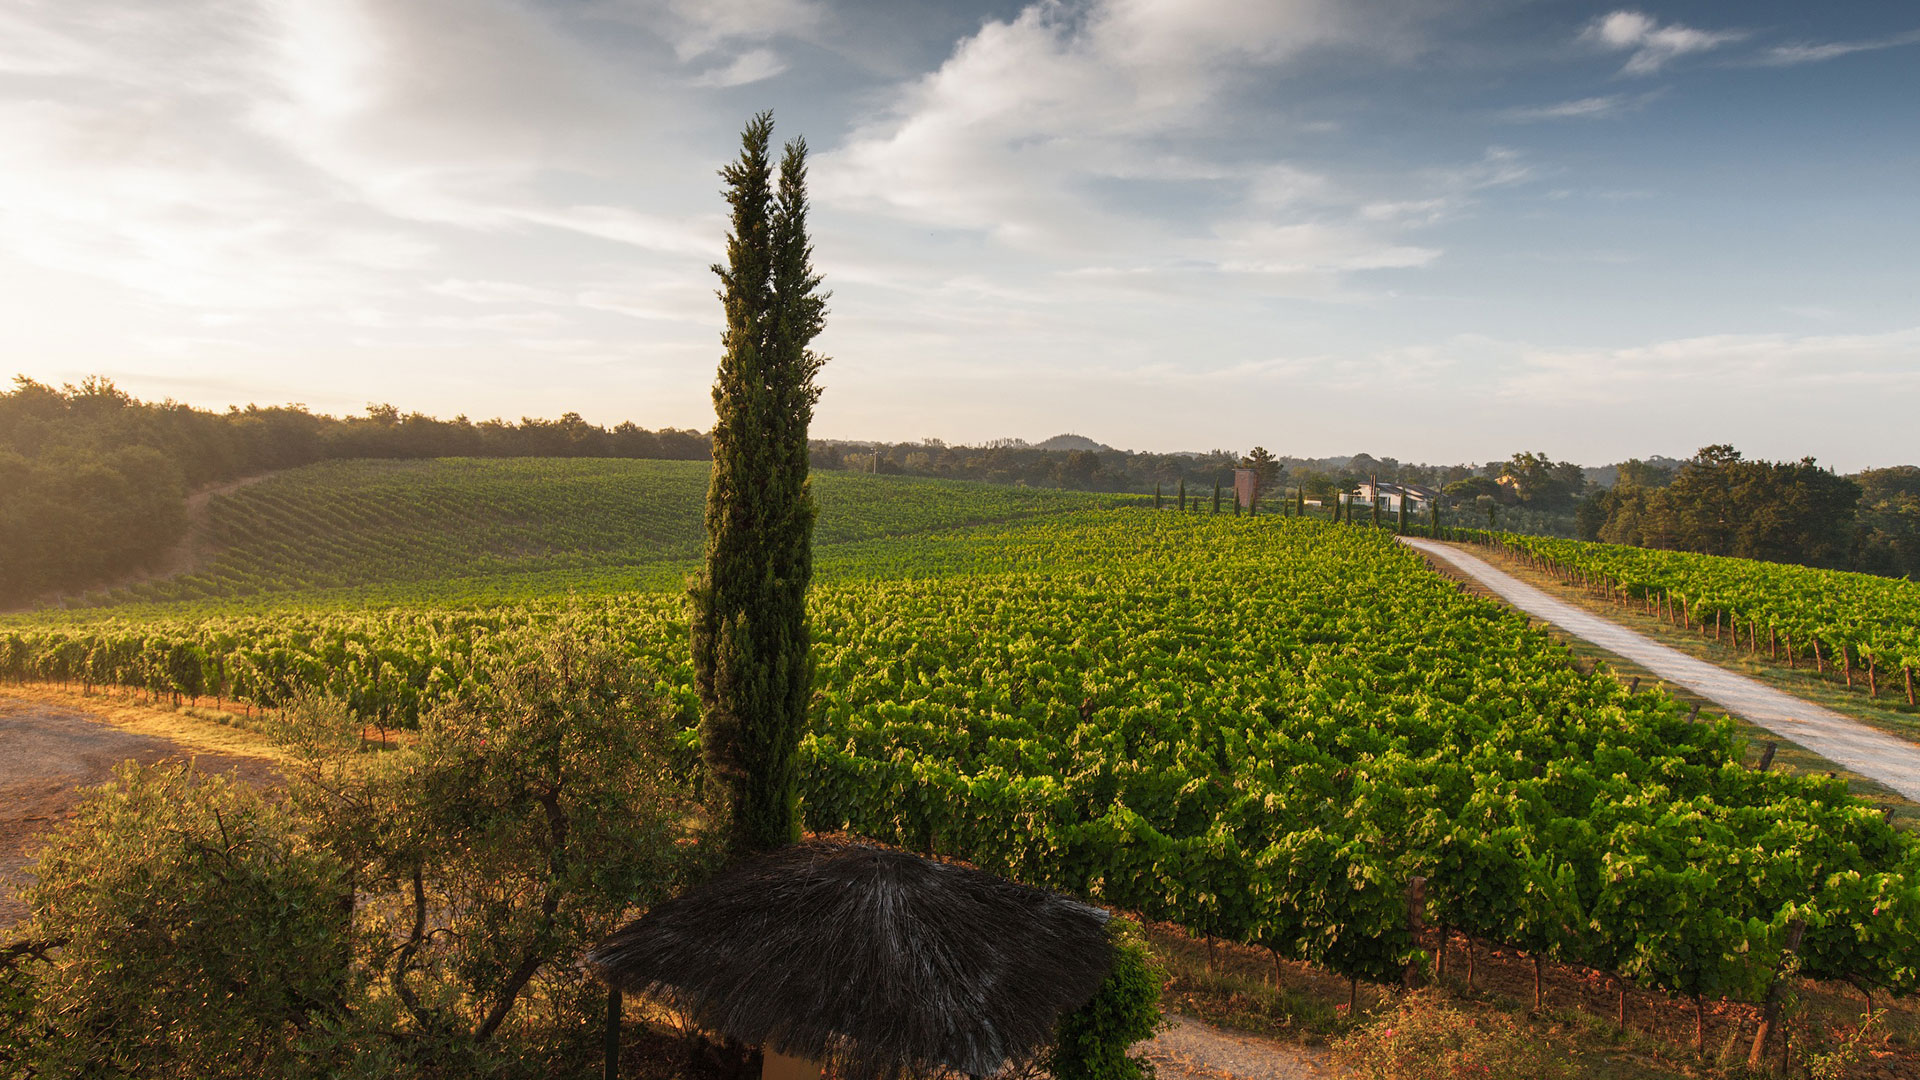 Wielrennen in Toscane: fijne routes in de Chianti-streek